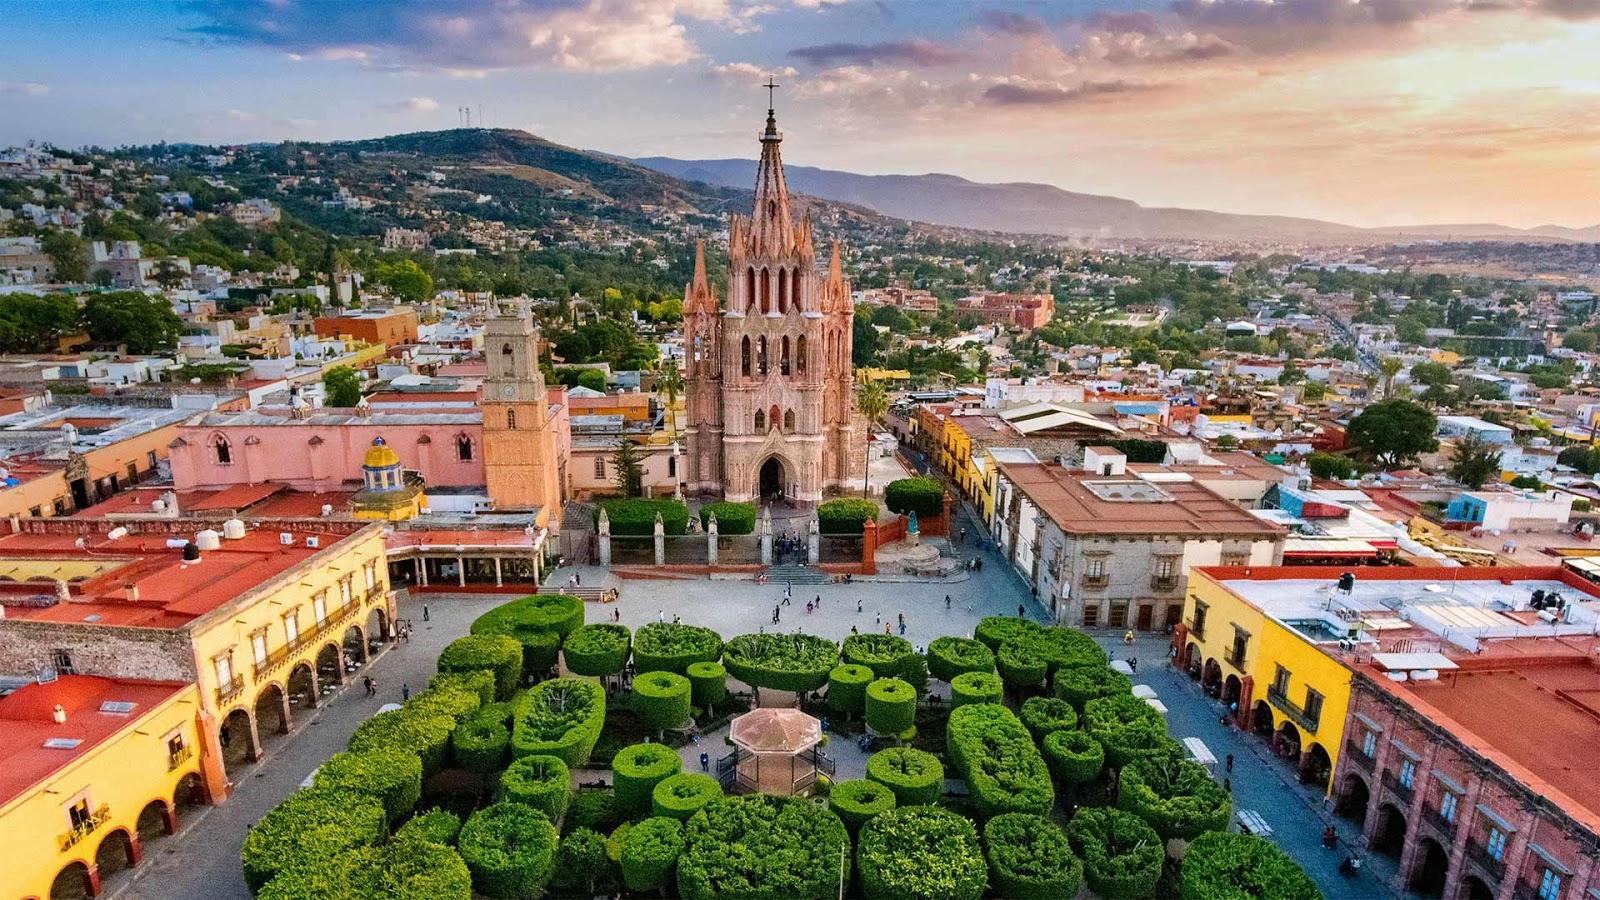 San Miguel de Allende, Mexico © ferrantraite/Getty Images